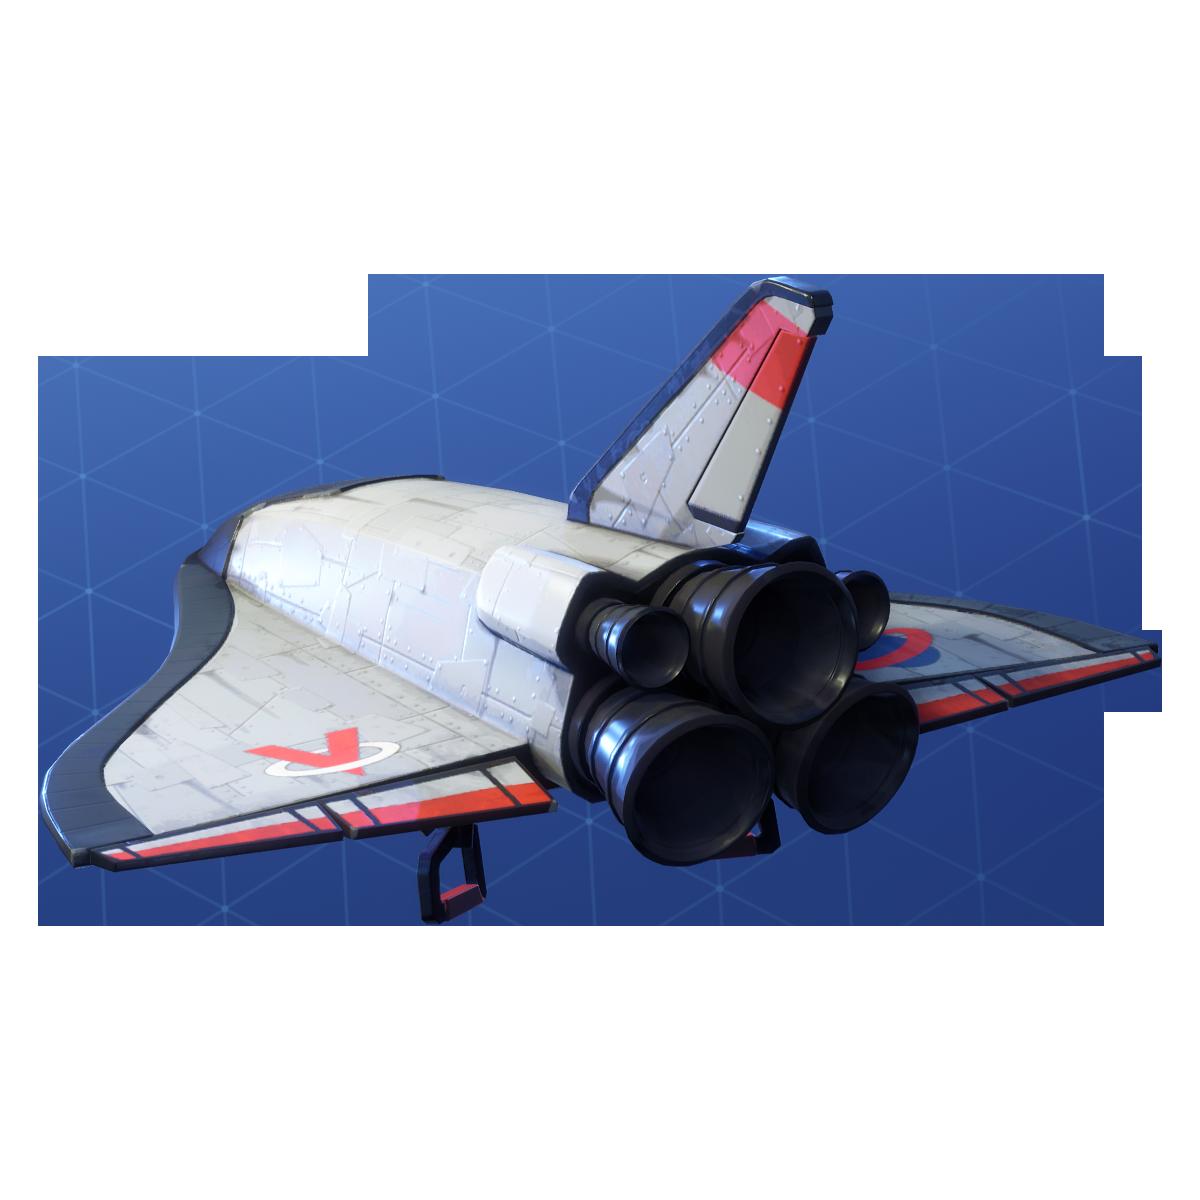 Fortnite Glider Fortnite, Png photo, Gliders